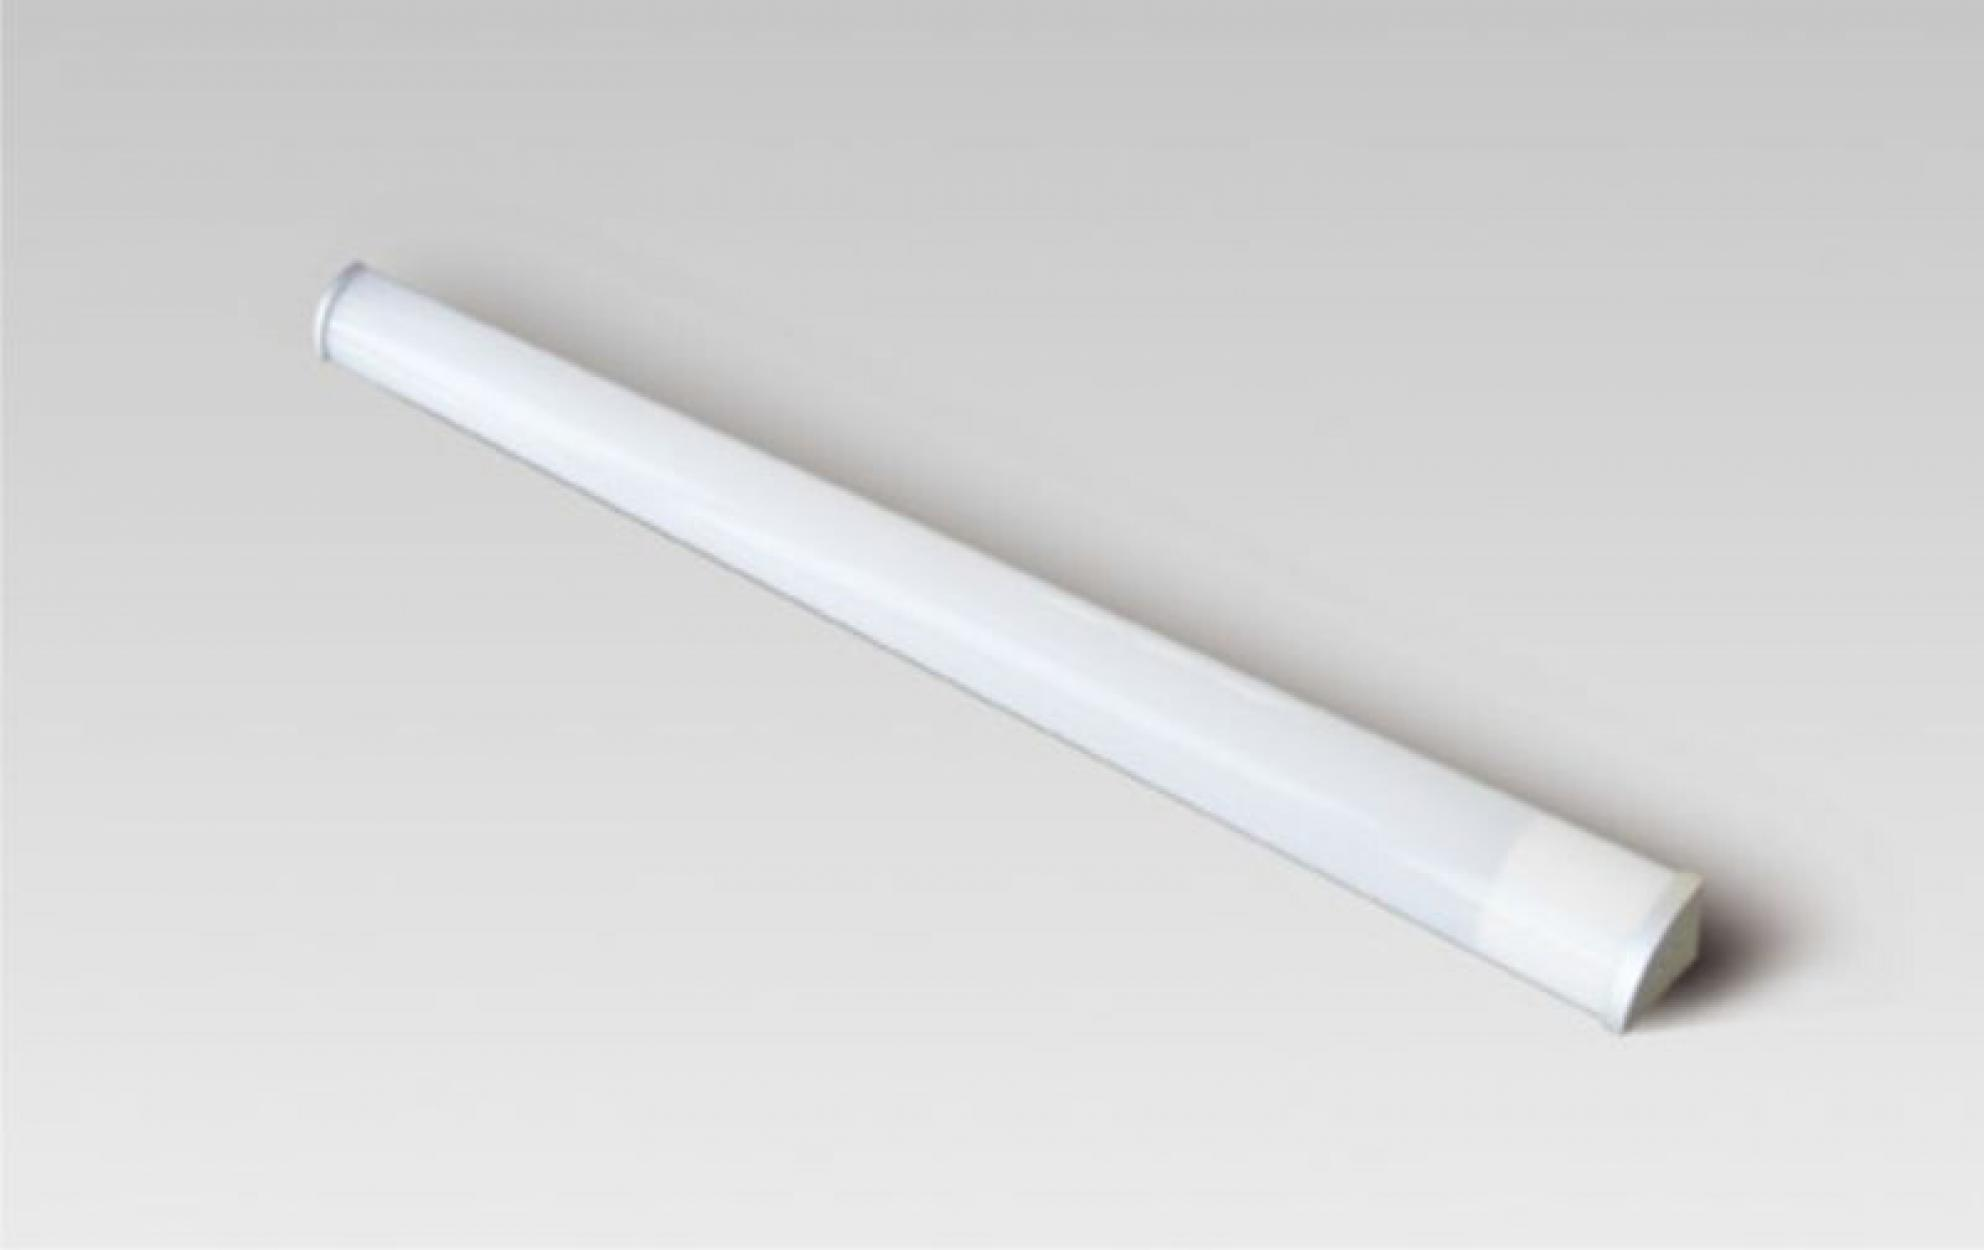 Светильник Mini Corner Touch  светодтодный сенсорный, для модуля 900mm 87LEDs 9.4W 4000K 12V, анодированный алюминий